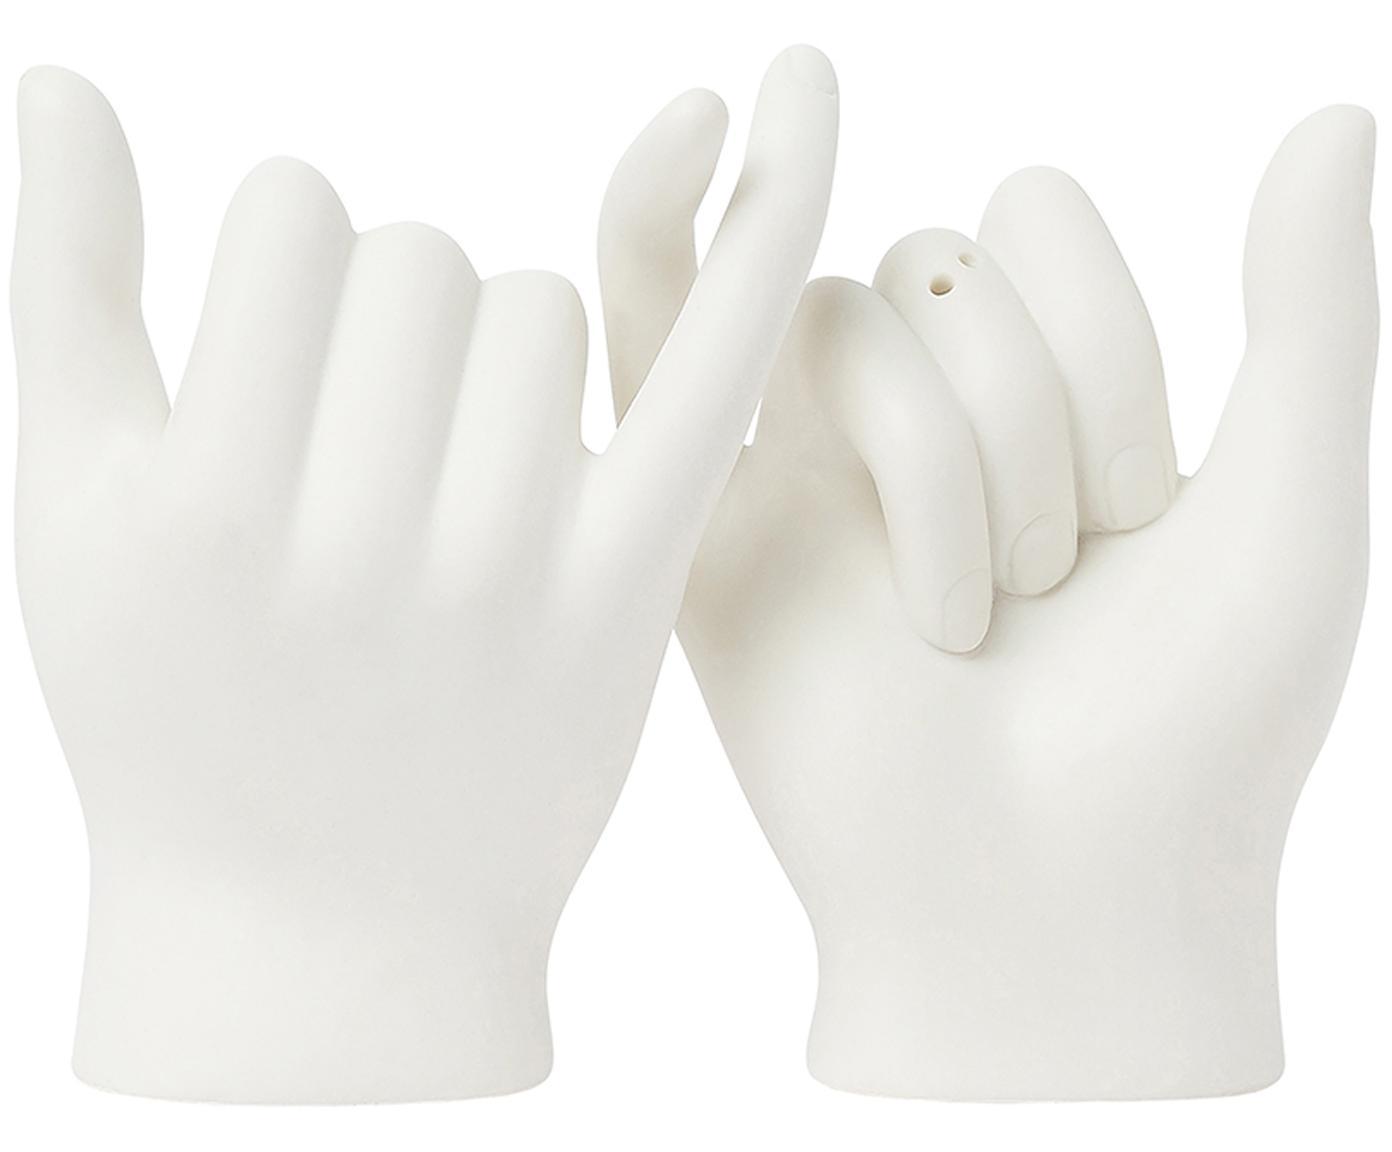 Salz- und Pfefferstreuer Pinky Swear, 2er-Set, Keramik, Weiß, 9 x 11 cm